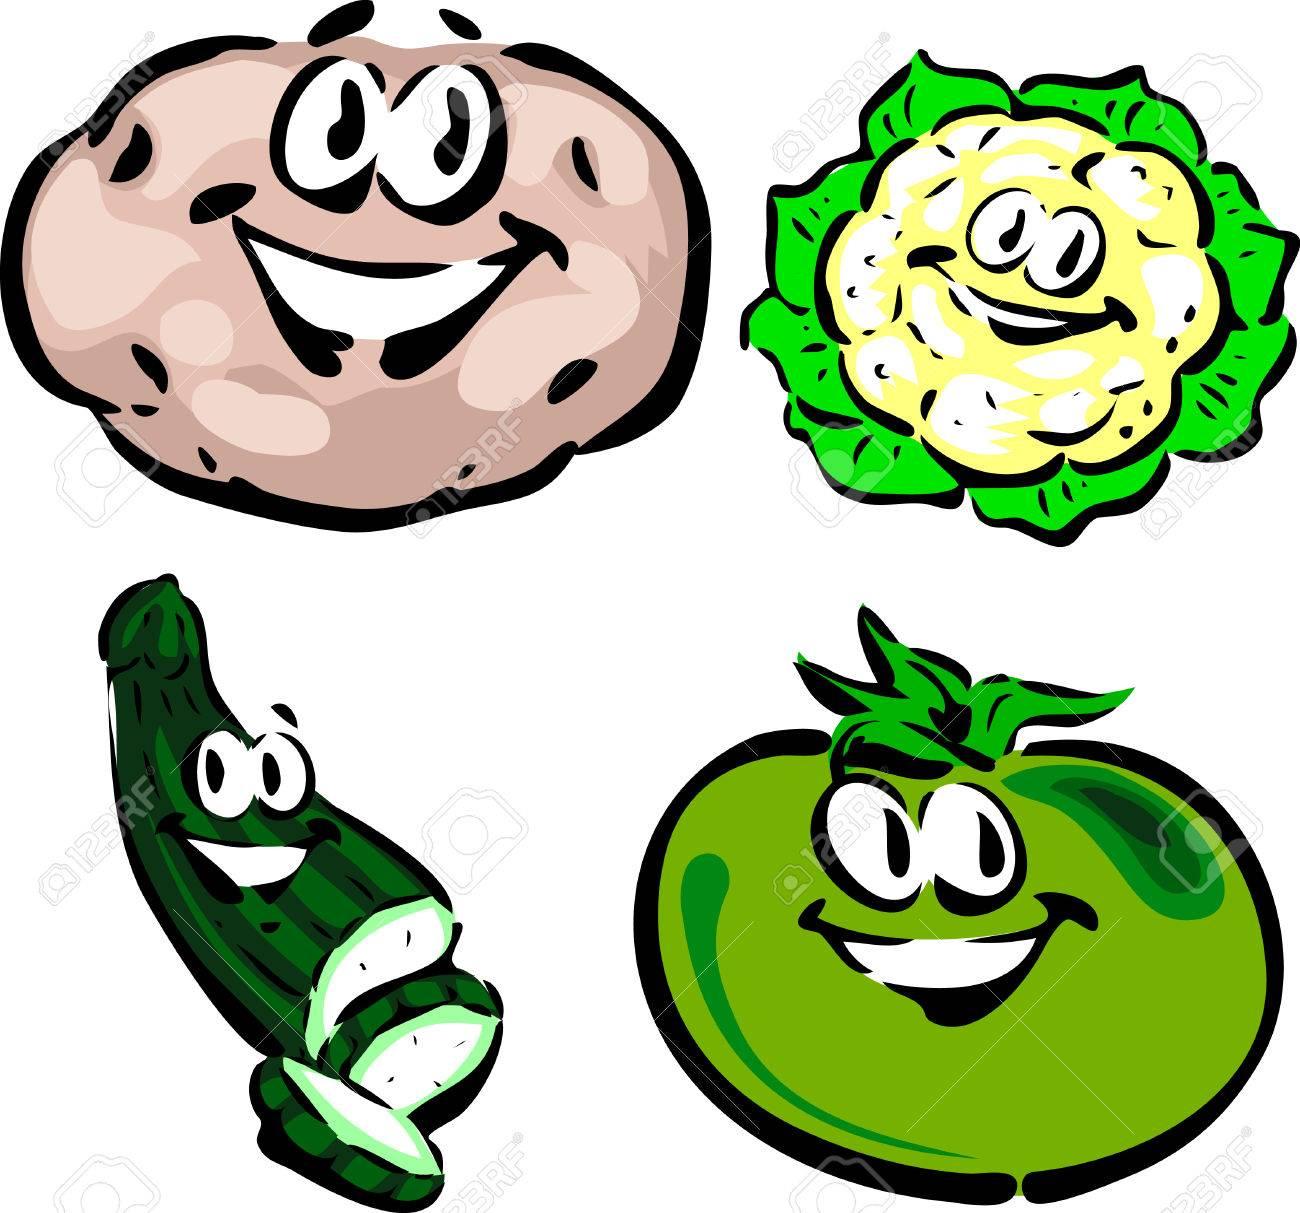 Zucchini Plant Clip Art Zucchini Plant c Zucchini Plant Clip Art Zucchini Plant